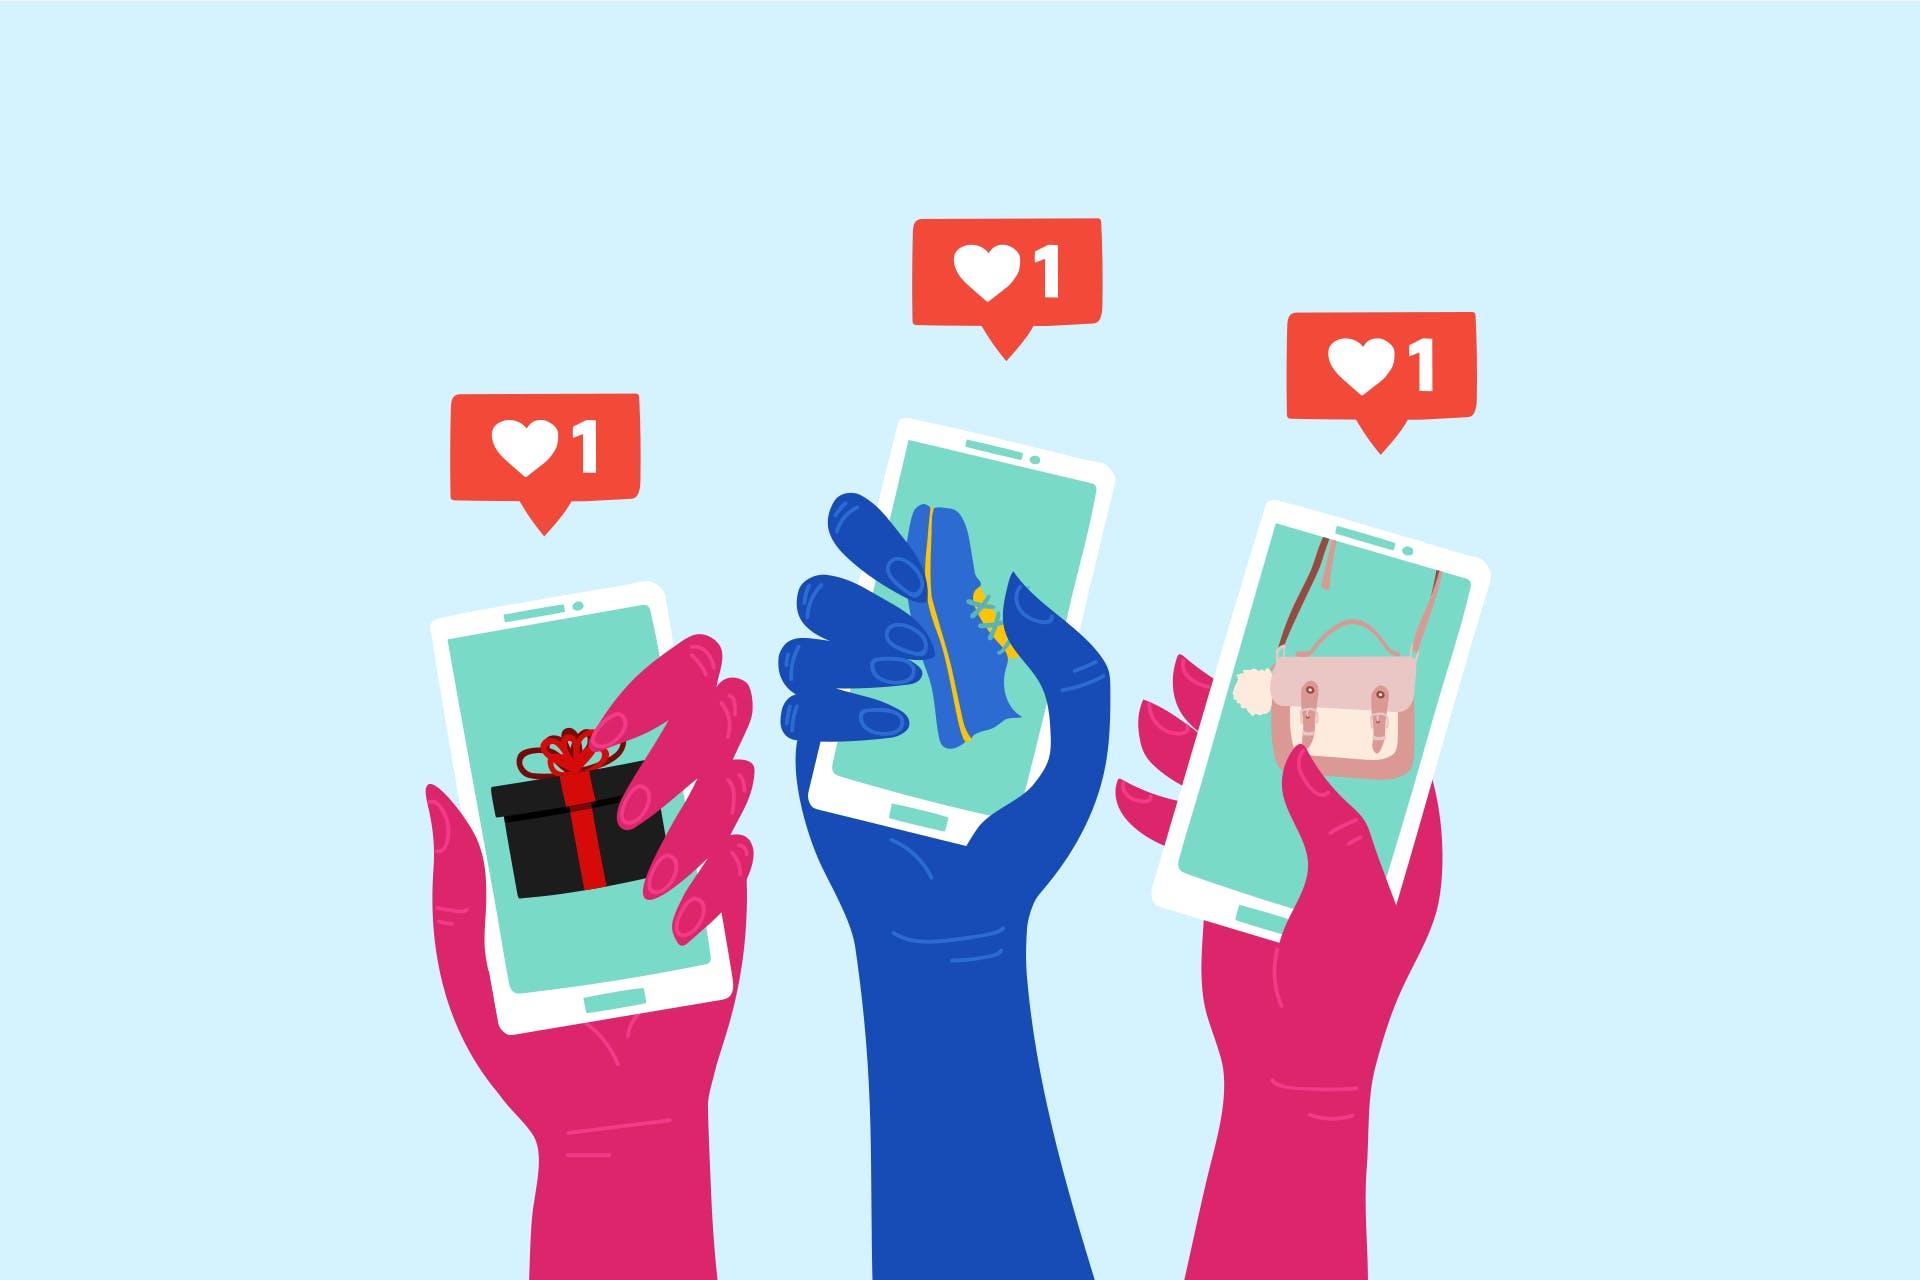 Kuva älypuhelimia pitelevistä käsistä, älypuhelimien näytöillä on tuotteita.